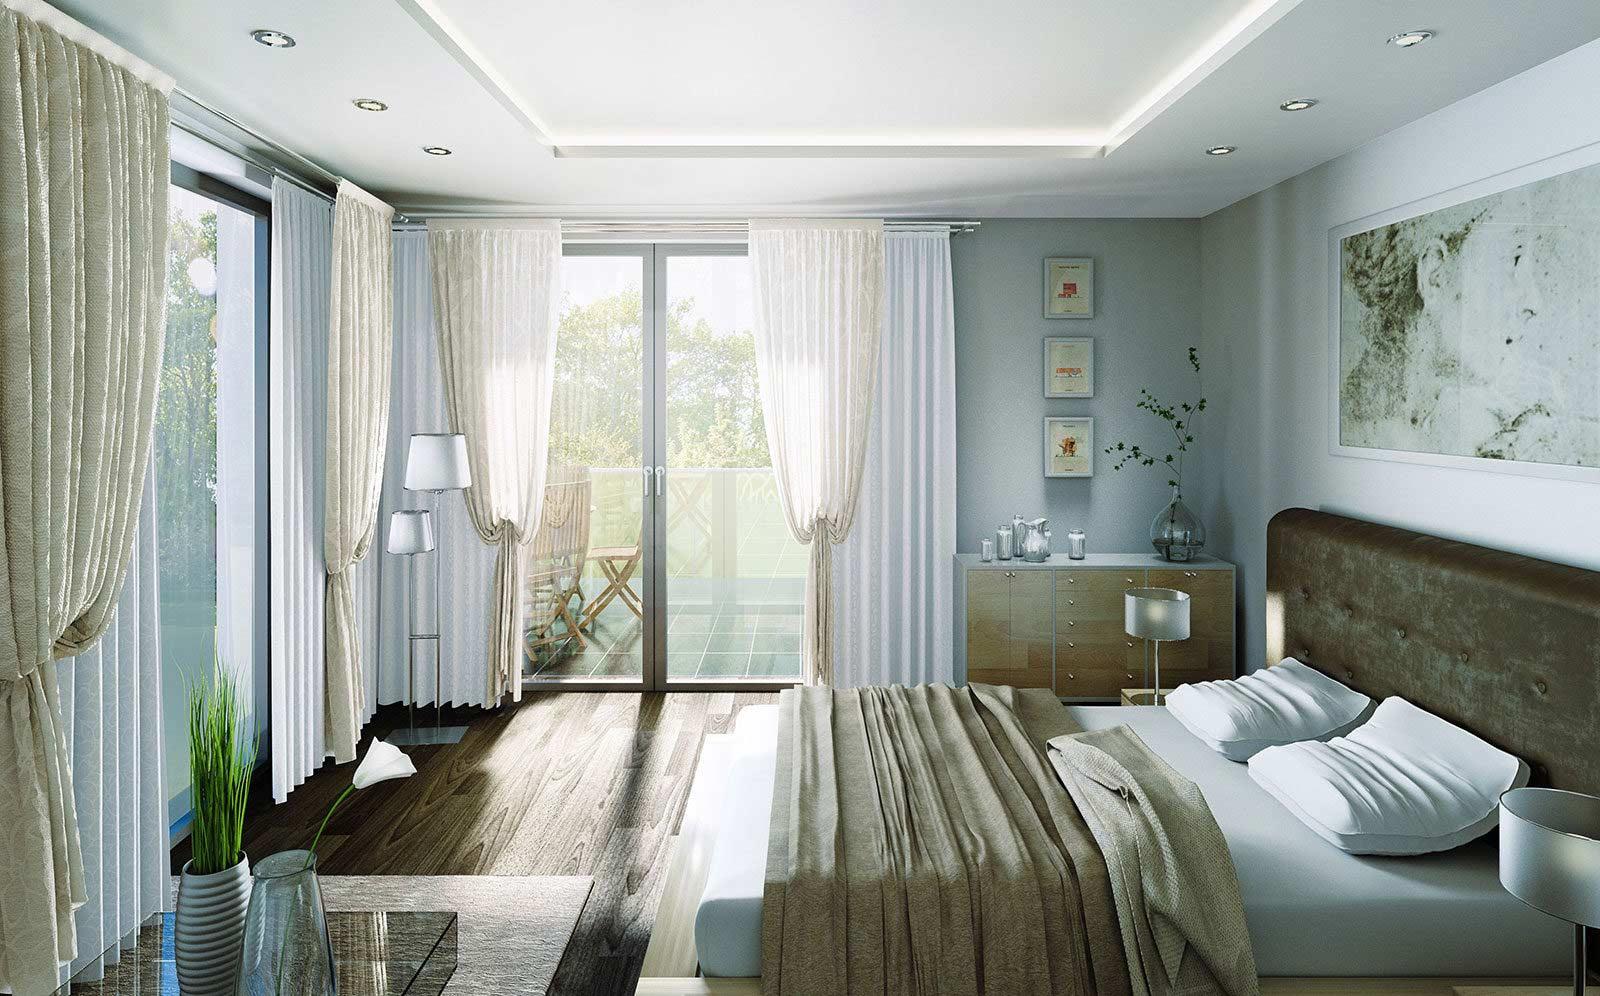 Schlafzimmer Eckwohnung - Architekturvisualisierung Innenraum